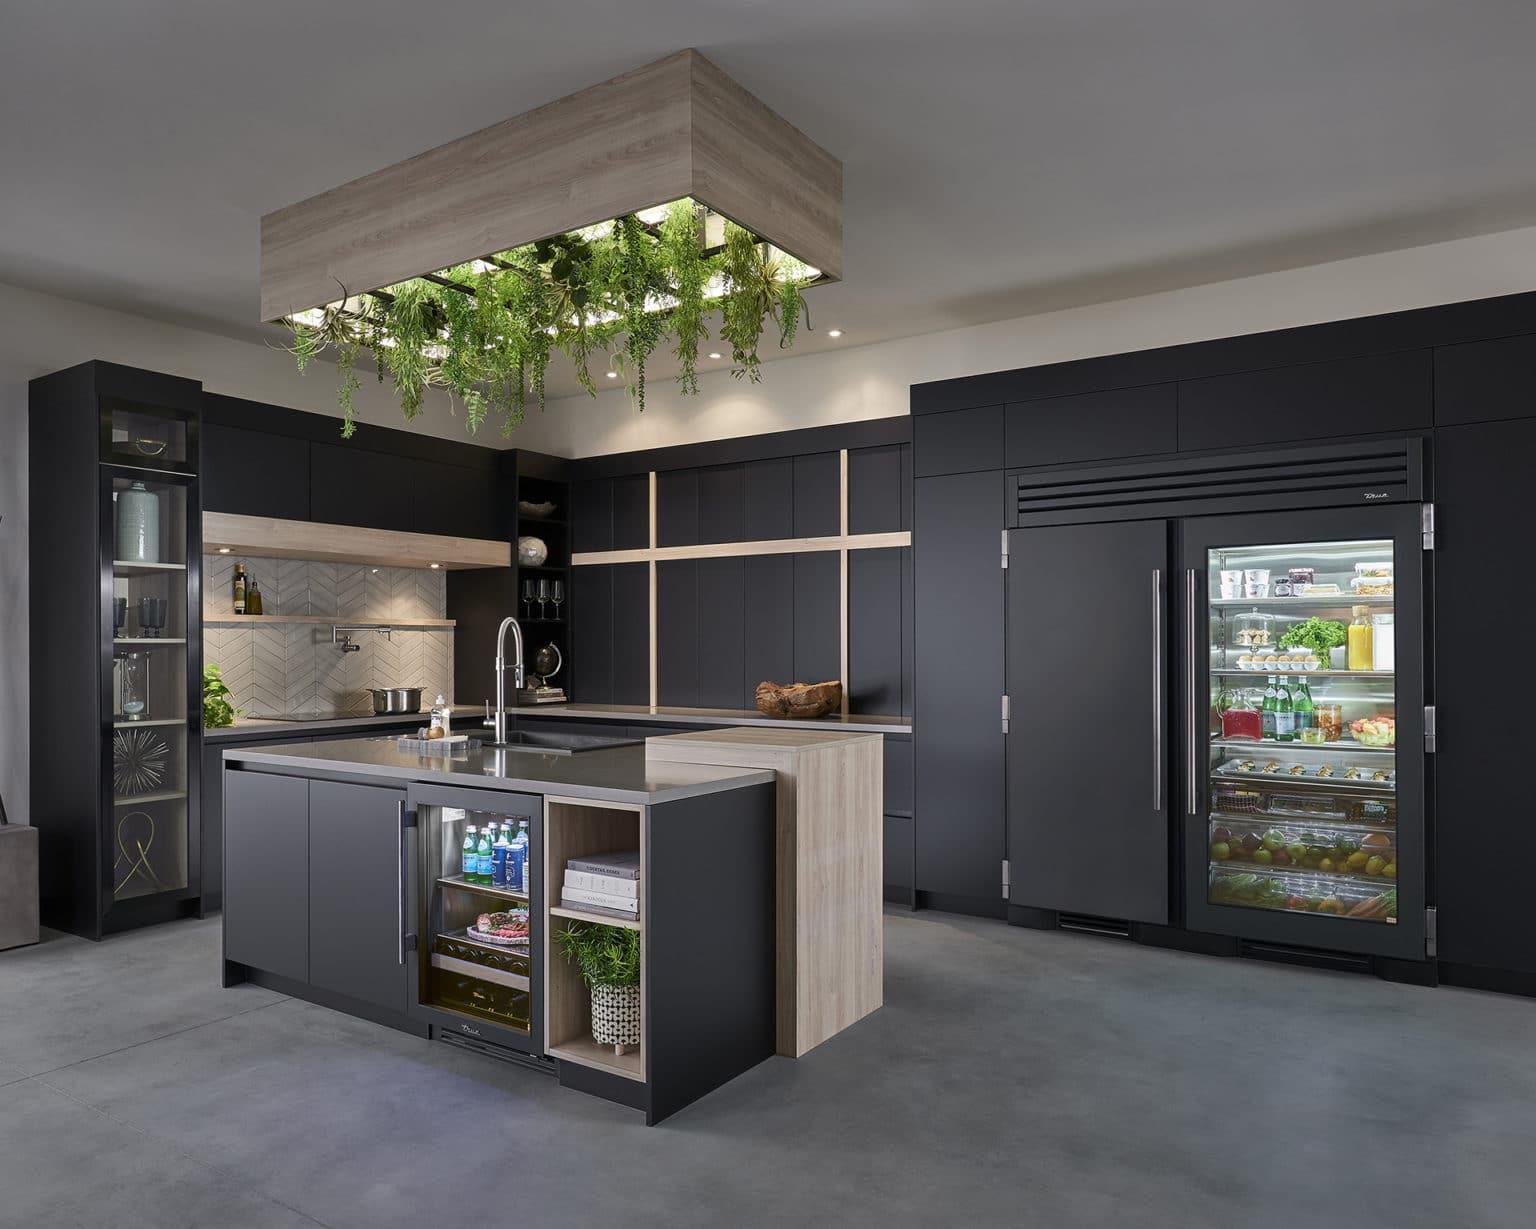 Nubuck Kitchen Overall